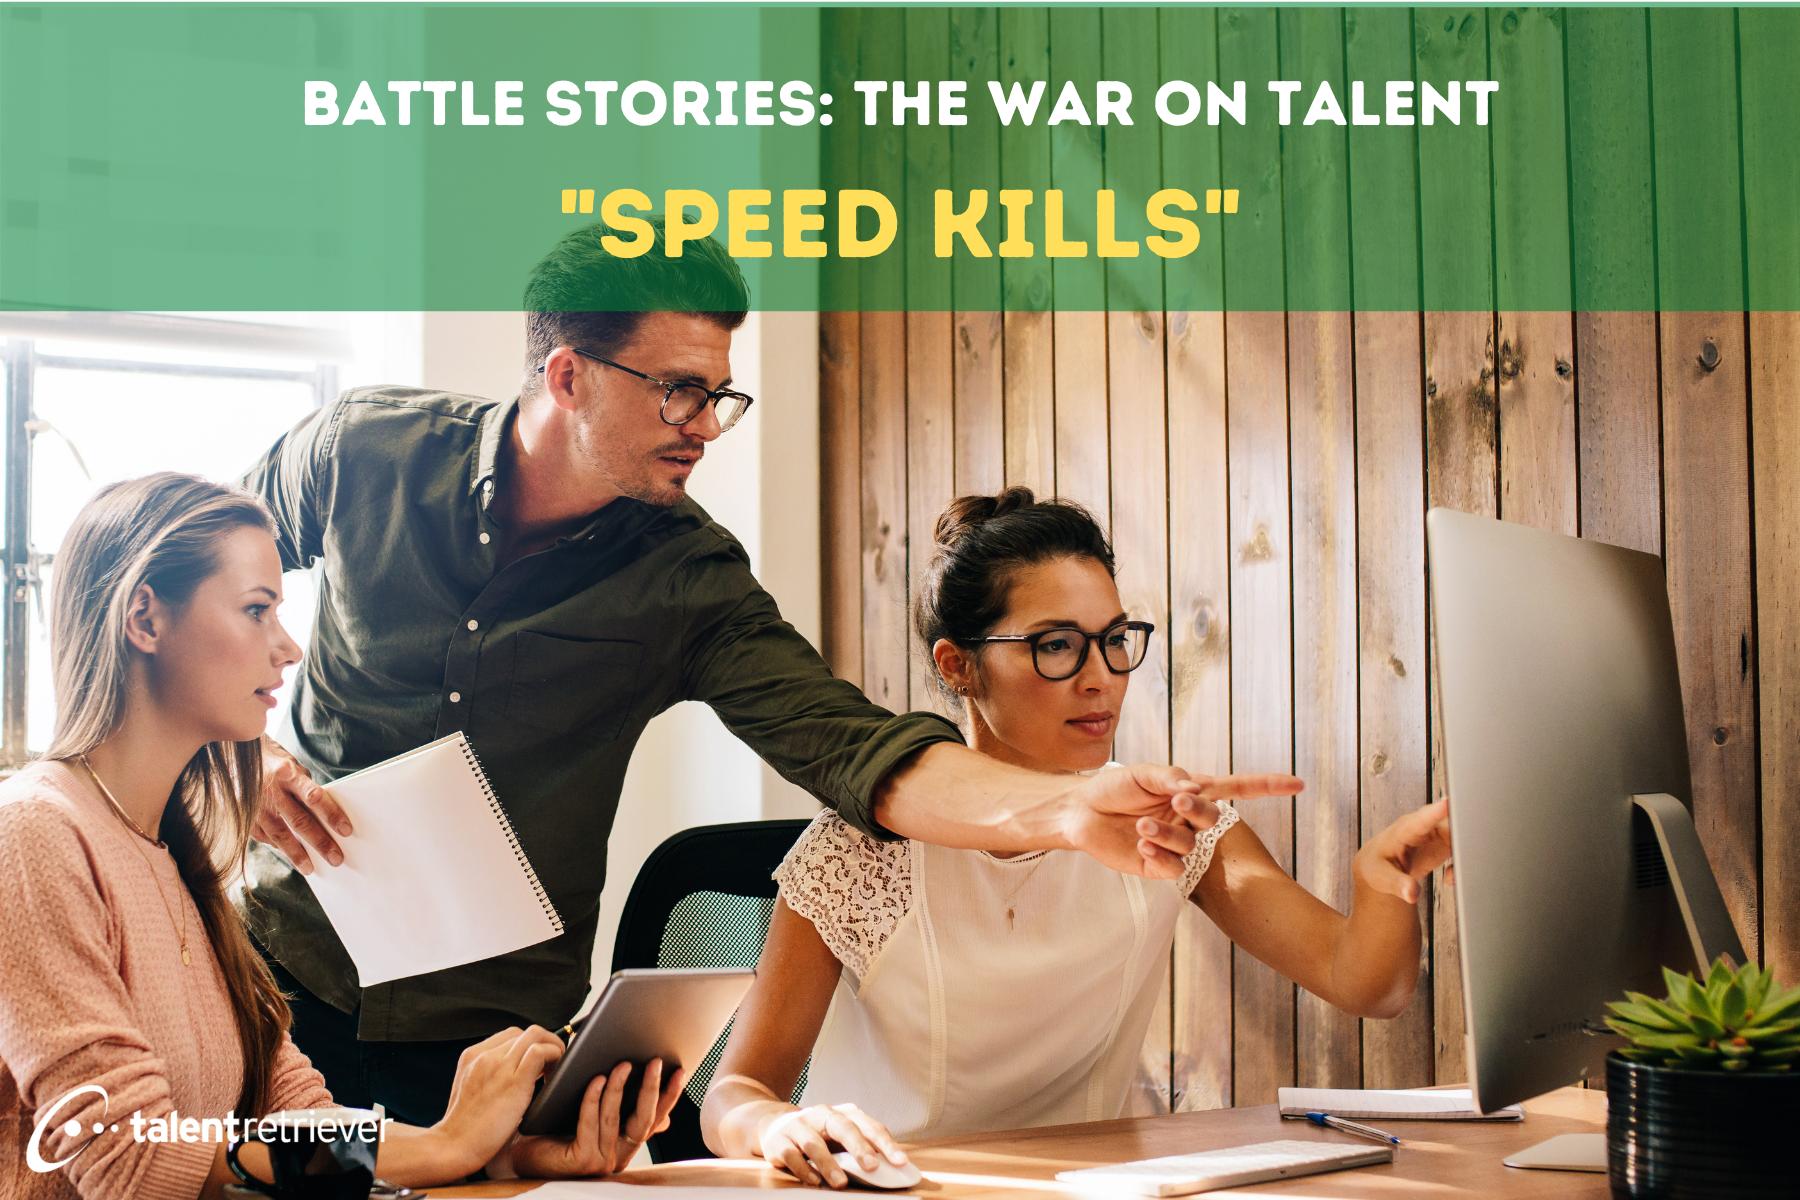 Battle Stories The War on Talent - Speed Kills (1)